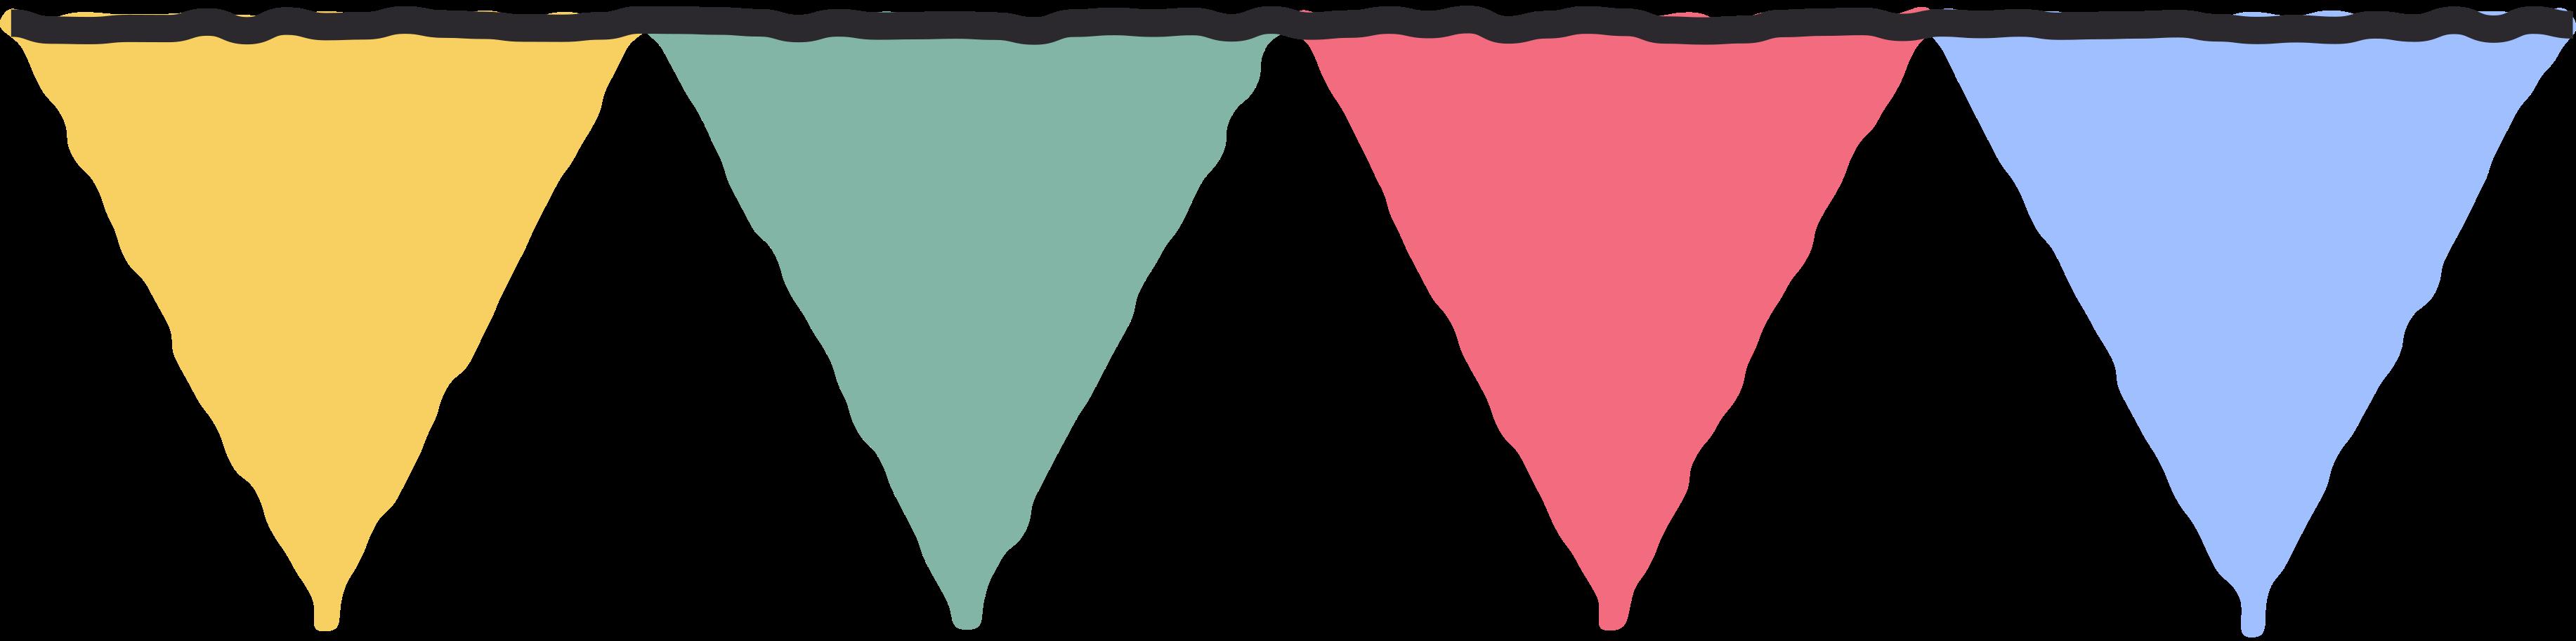 Ilustración de clipart de Banderas de colores en PNG, SVG